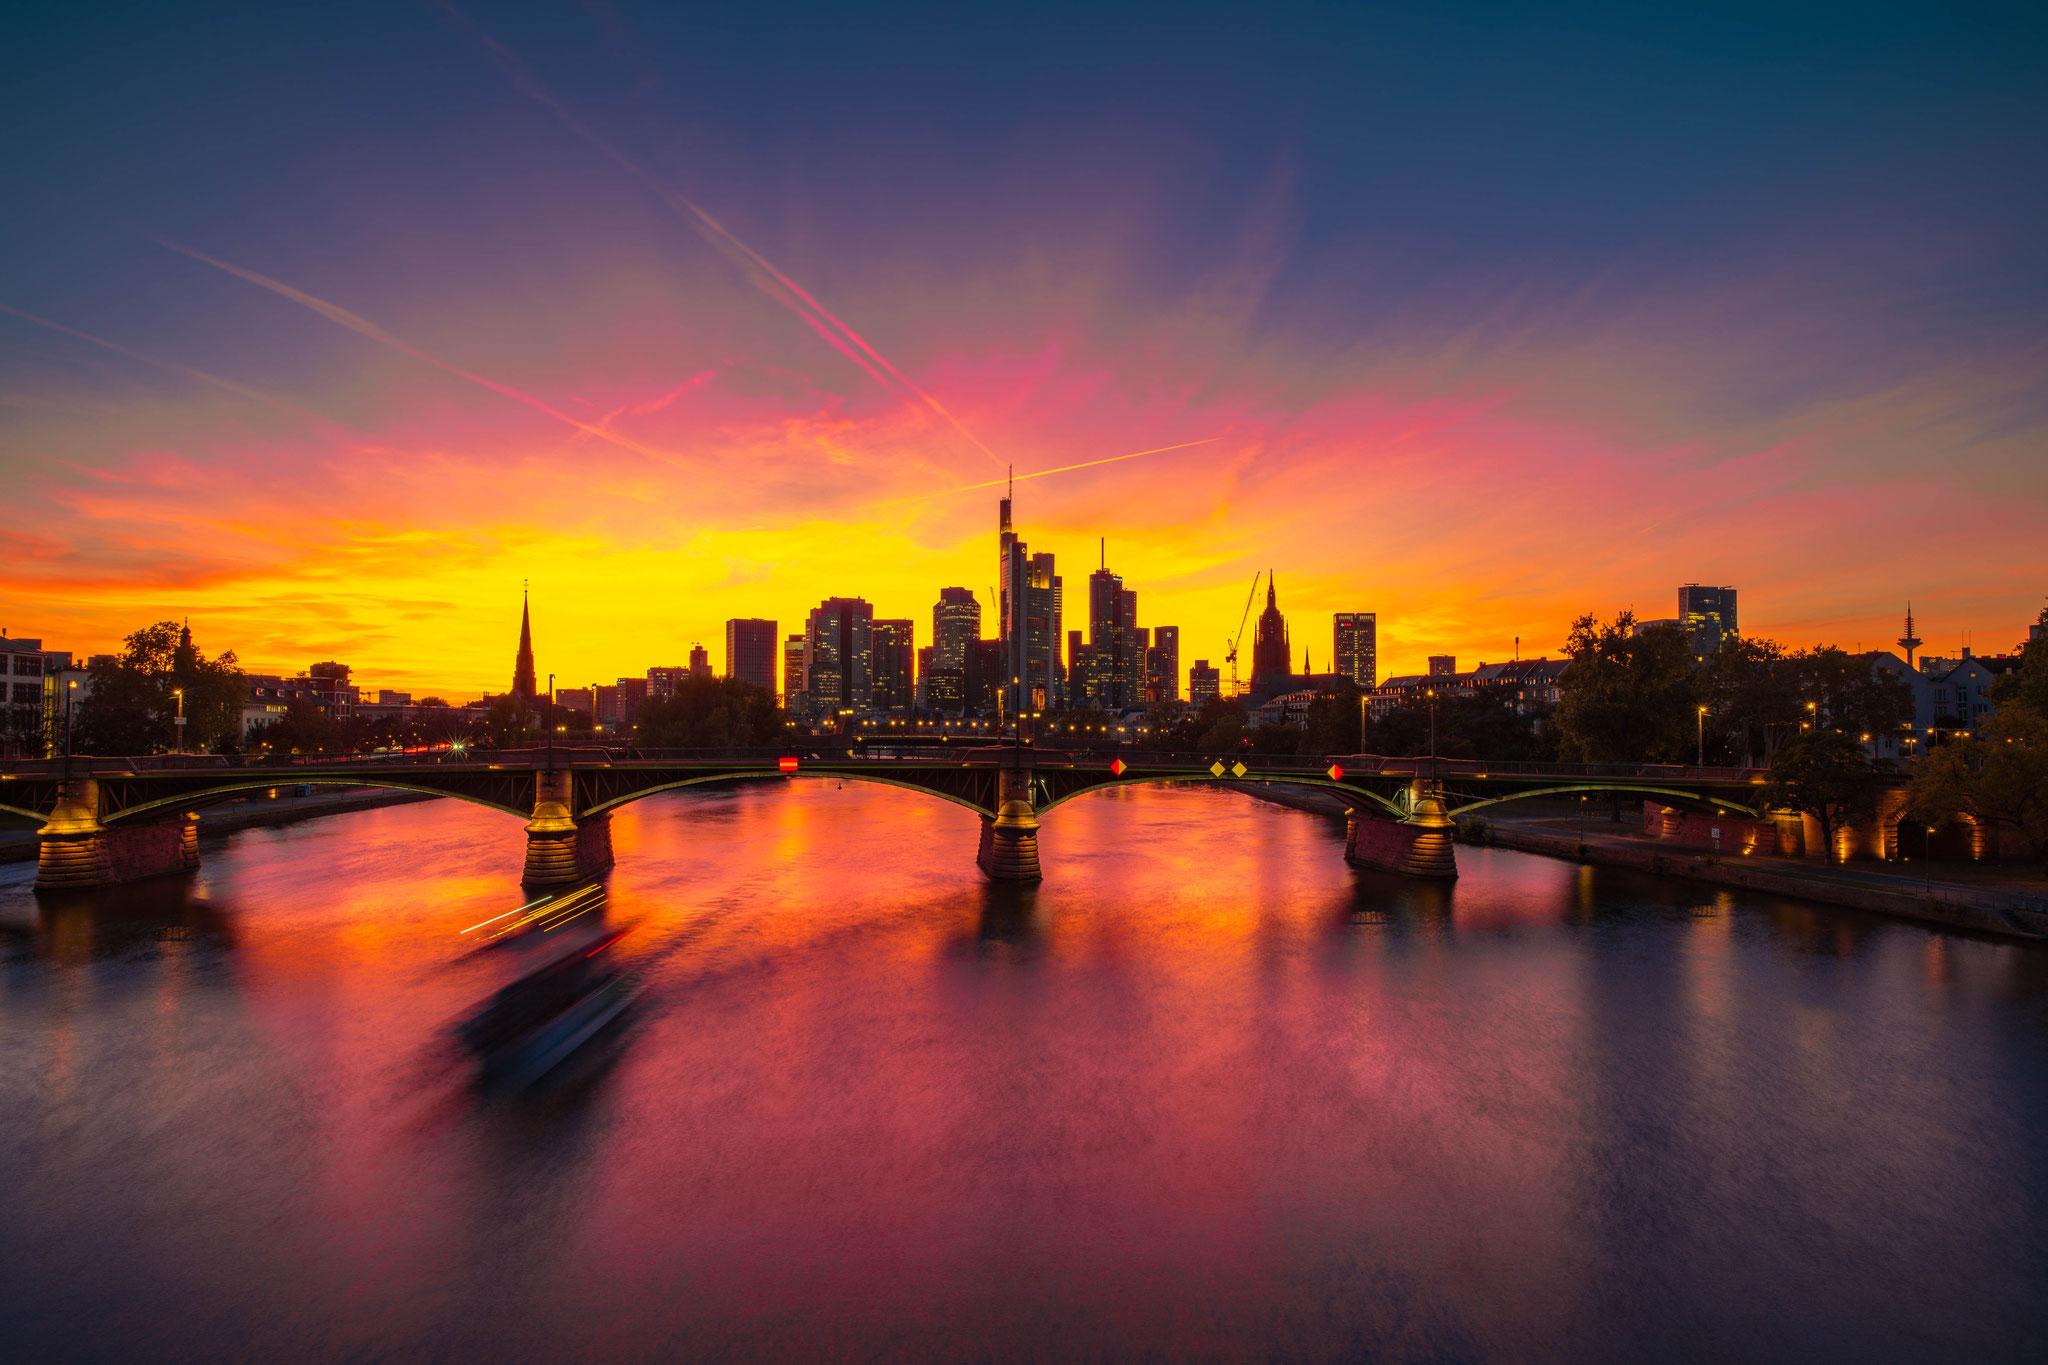 Sonnenuntergang in Frankfurt am Main in den Farben, die der Mensch niemals beschreiben könnte